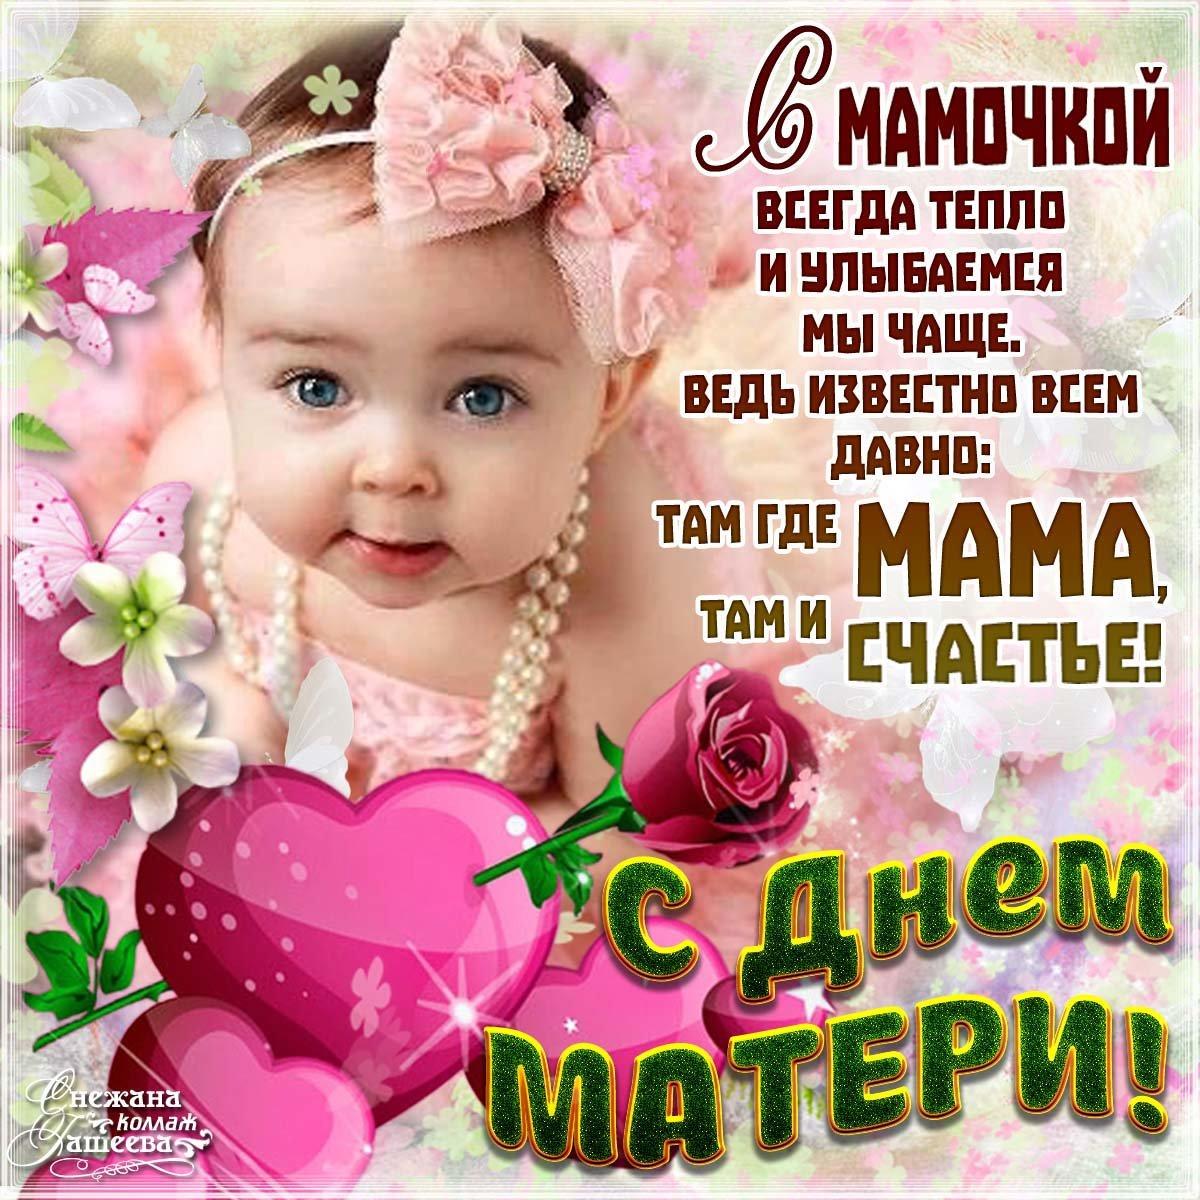 Желаю, поздравление к дню матери в стихах с картинкой